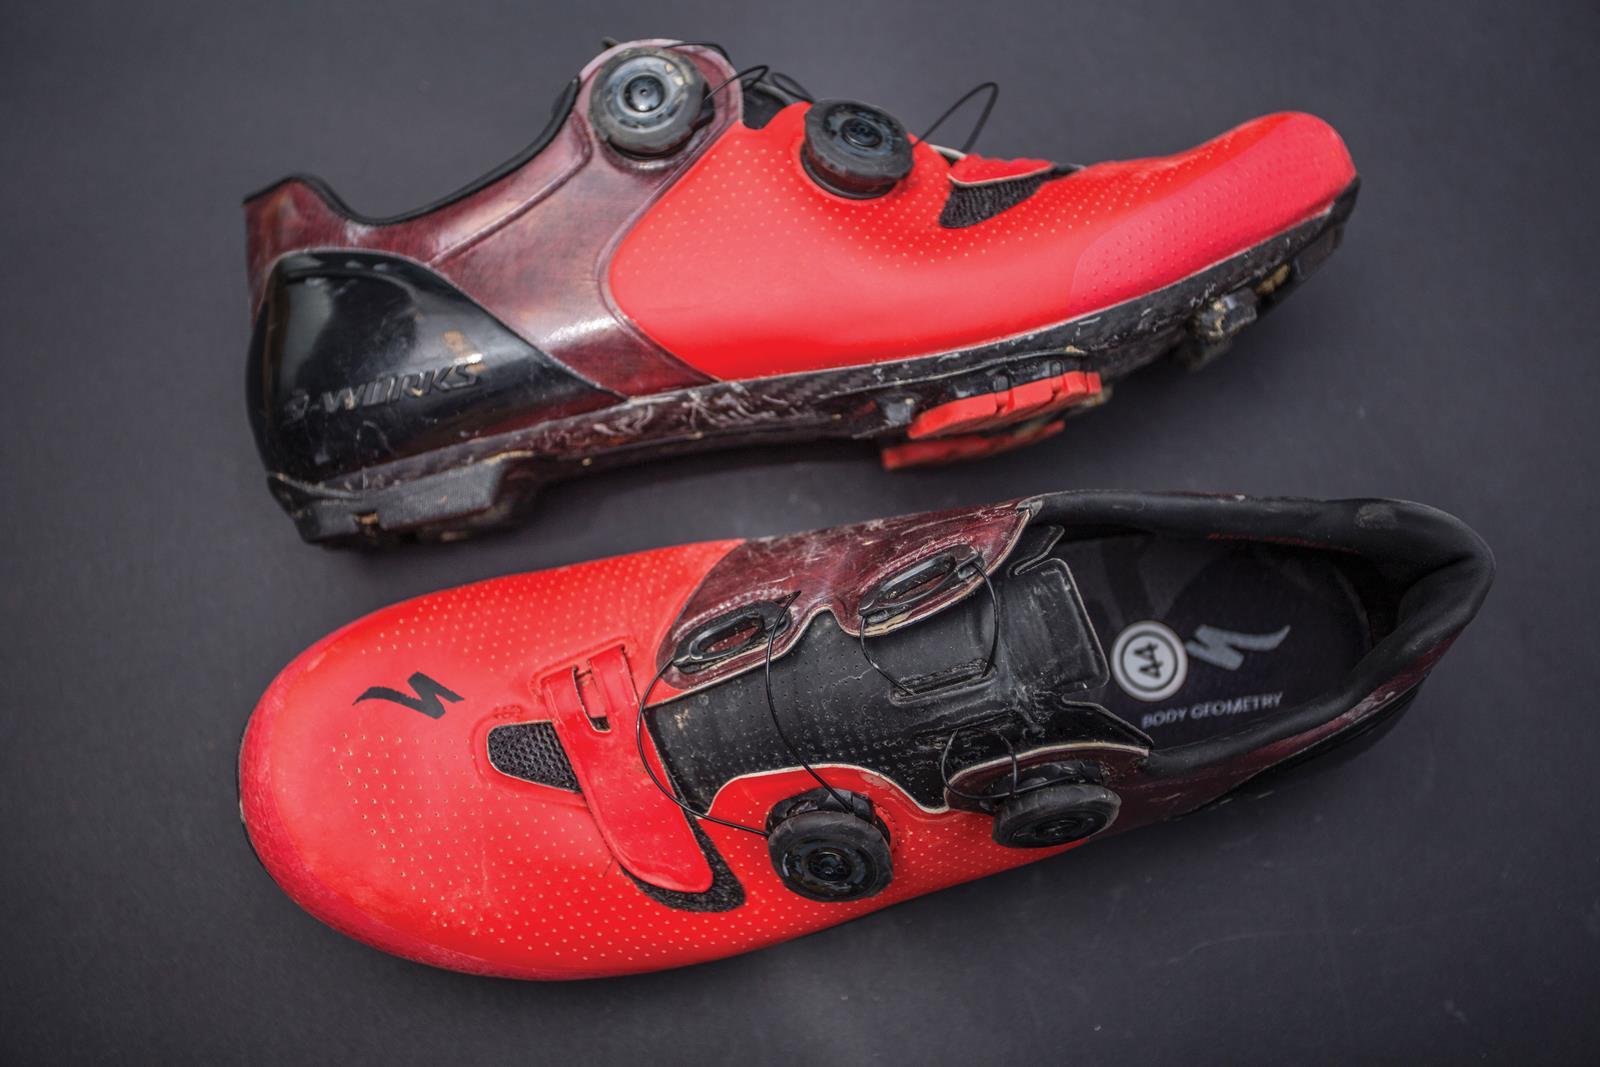 Specialized S-Works XC cipele slika 4